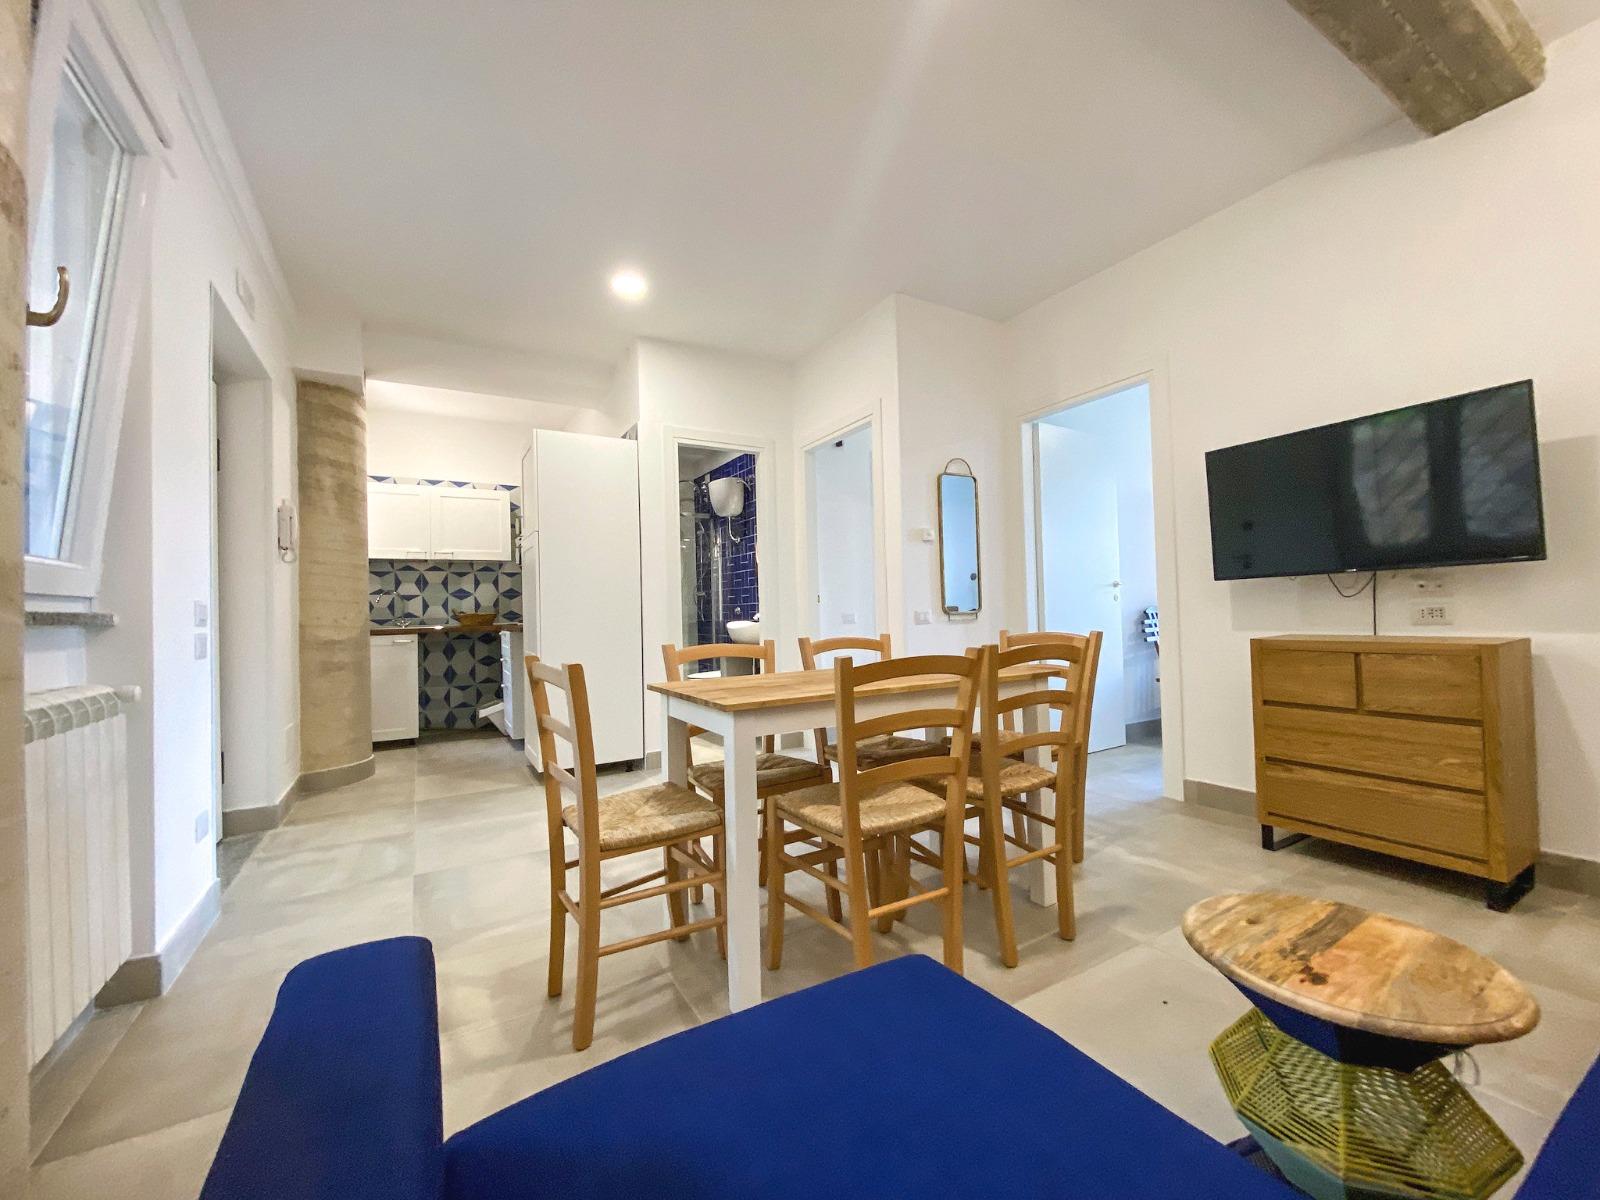 tenuta-normanni-foresteria-suites-large2